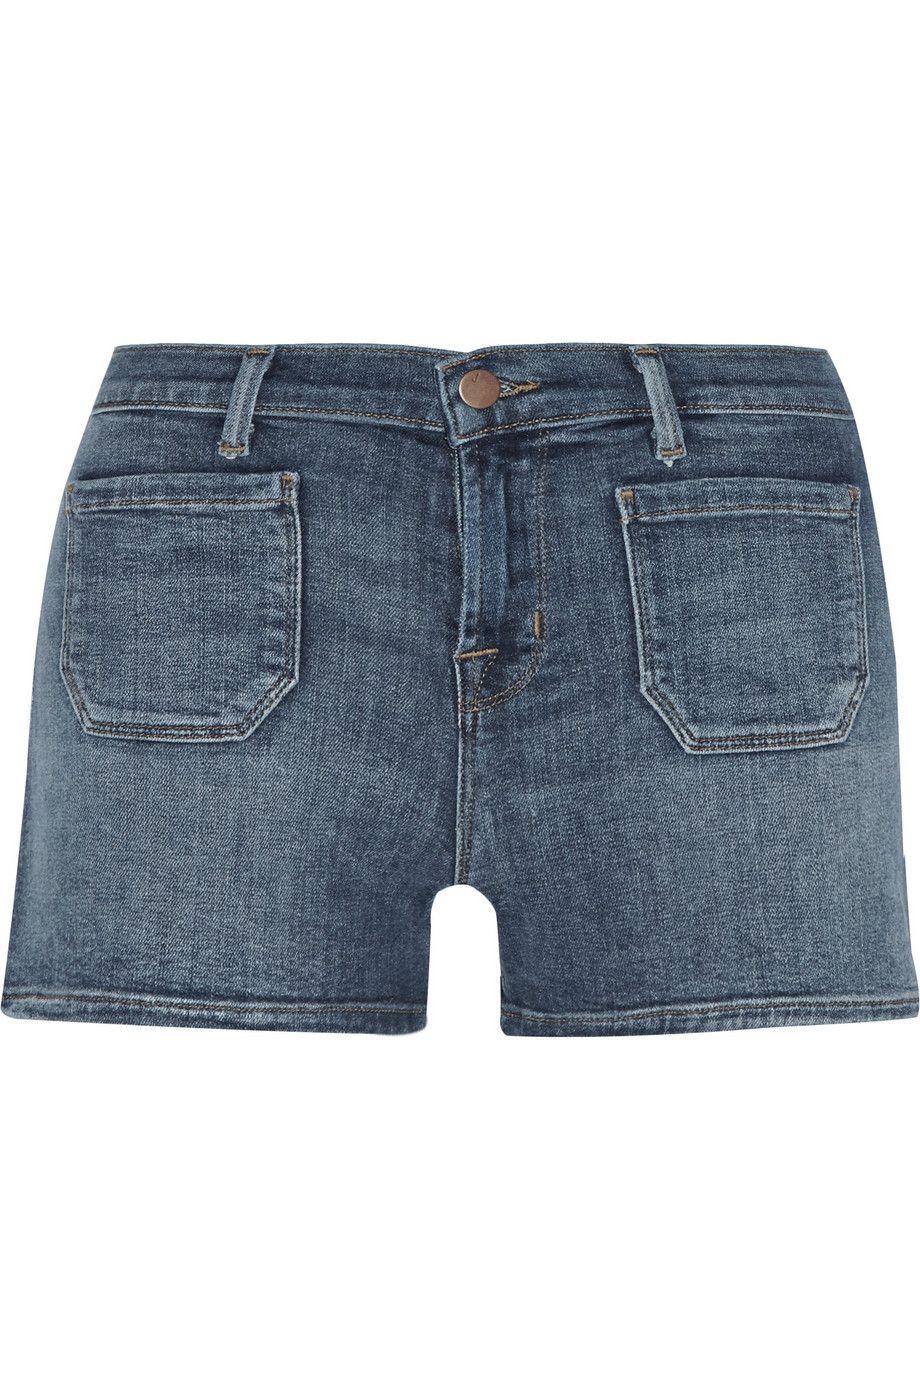 Hail the sun: Shorts, J Brand / Garance Doré